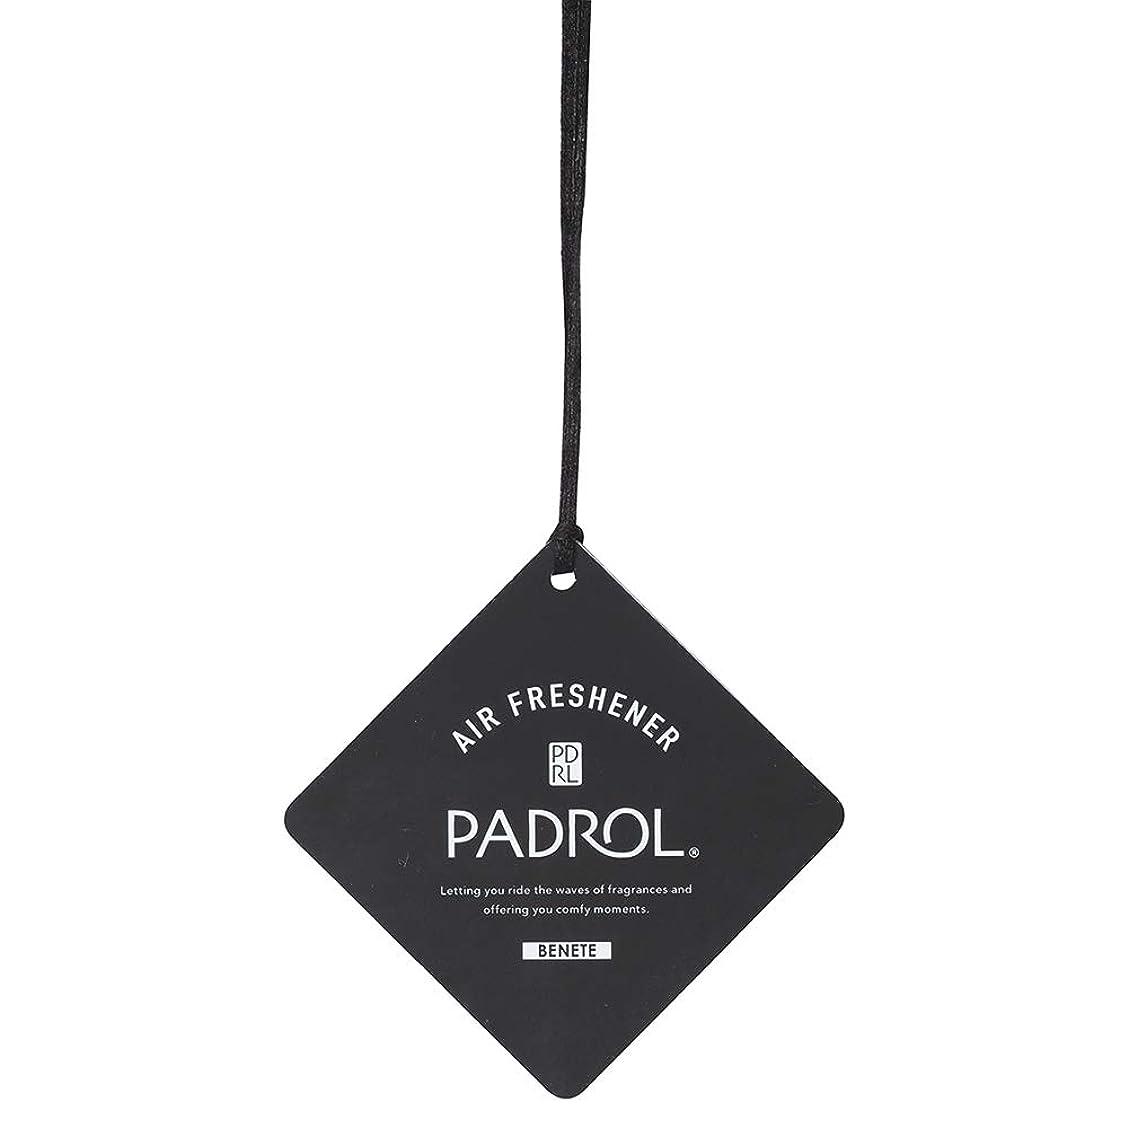 局ゆるいしゃがむPADROL ルームフレグランス エアーフレッシュナー BENETE 吊り下げ ホワイトムスクの香り PAB-5-01